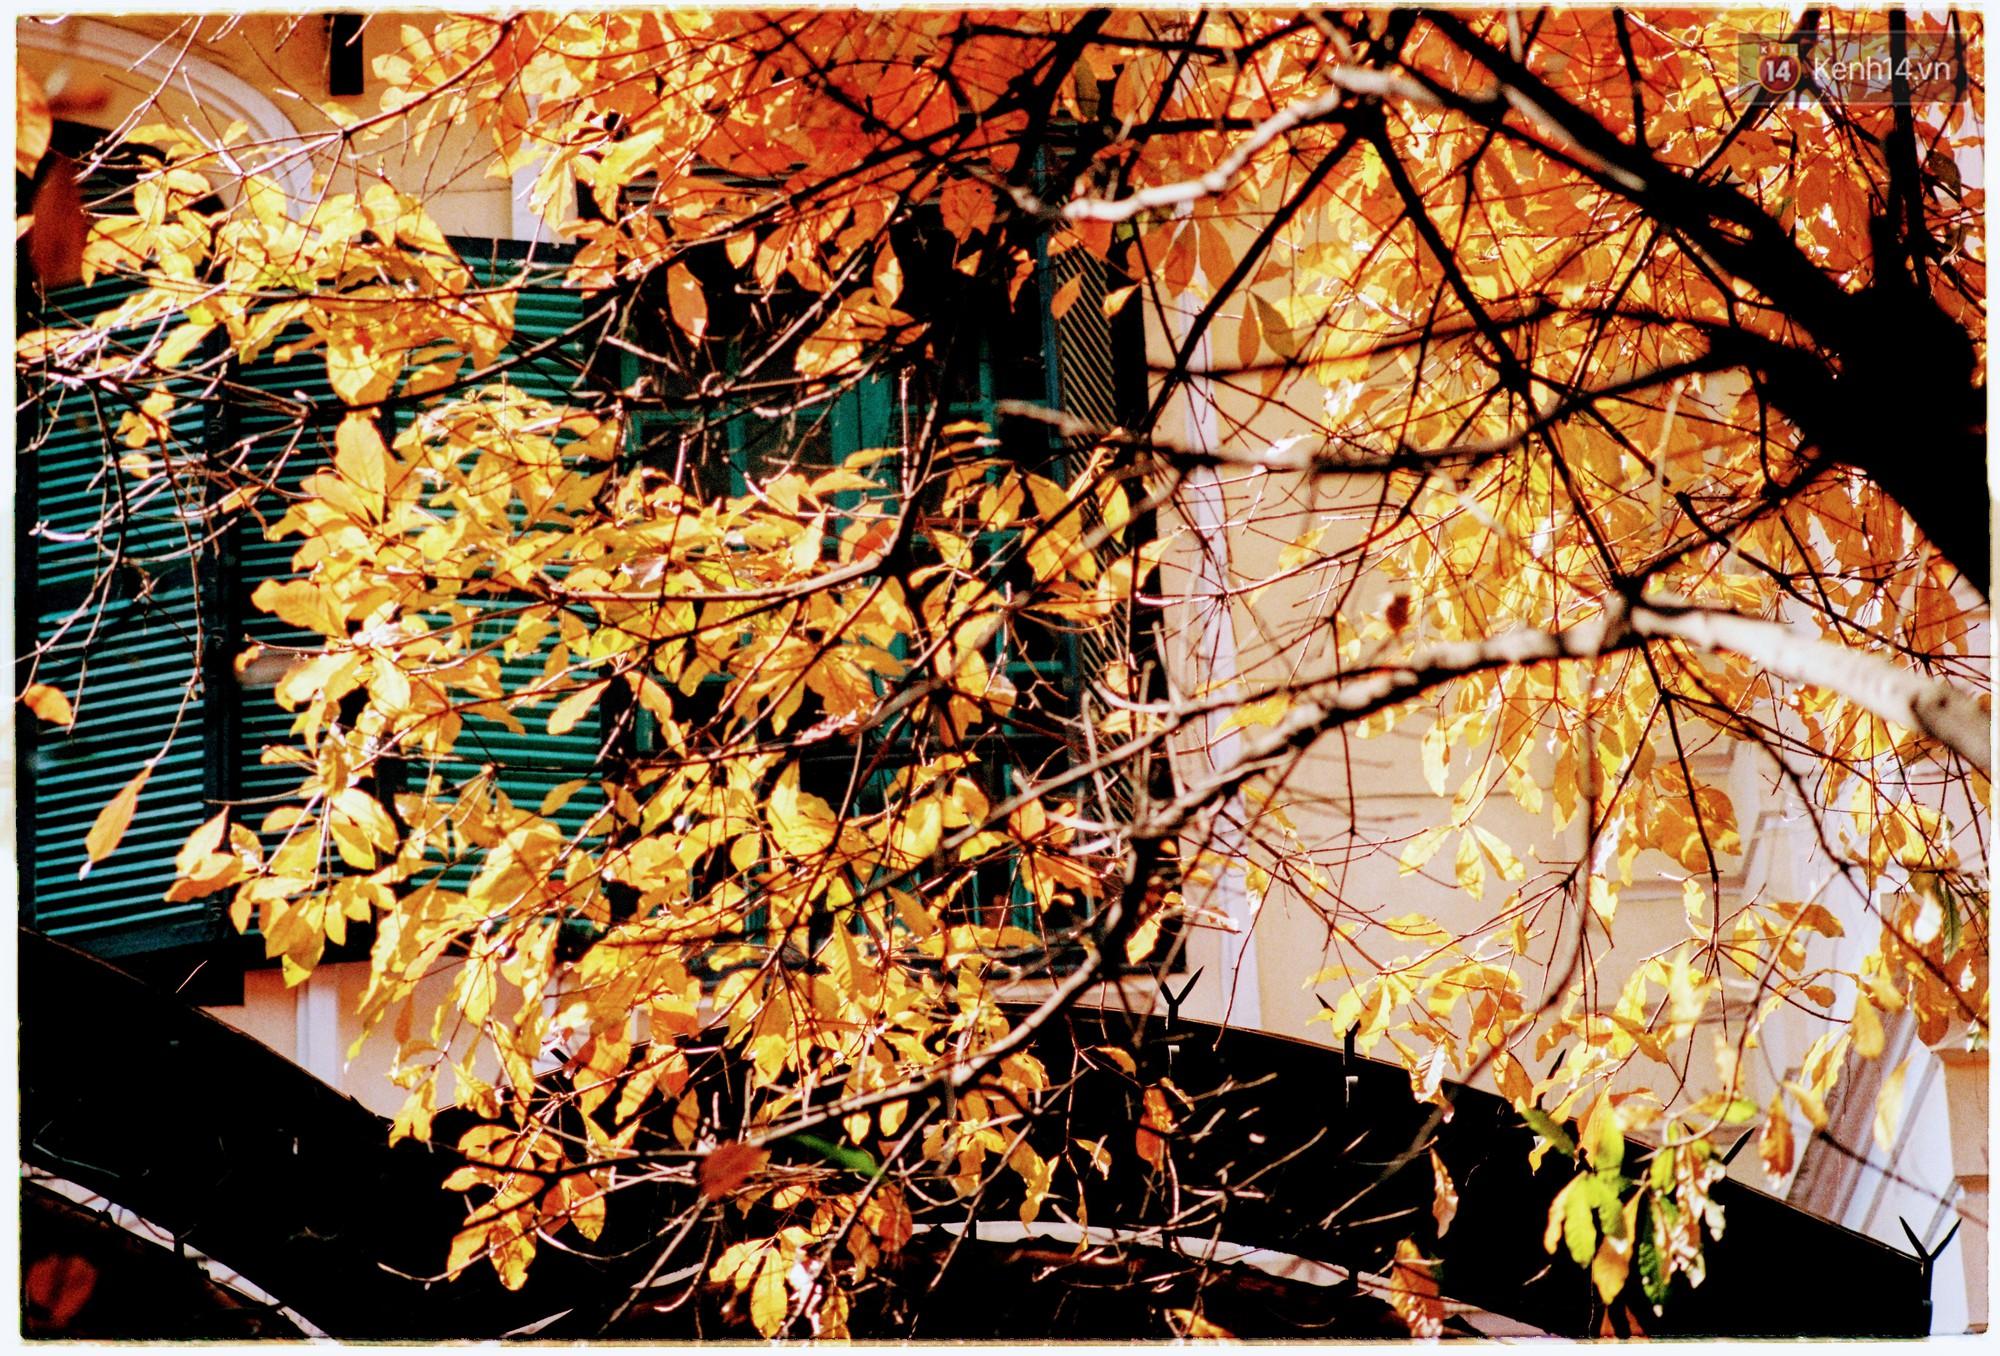 Hà Nội những ngày se lạnh, nắng đẹp và lá đỏ rợp góc phố - Ảnh 11.